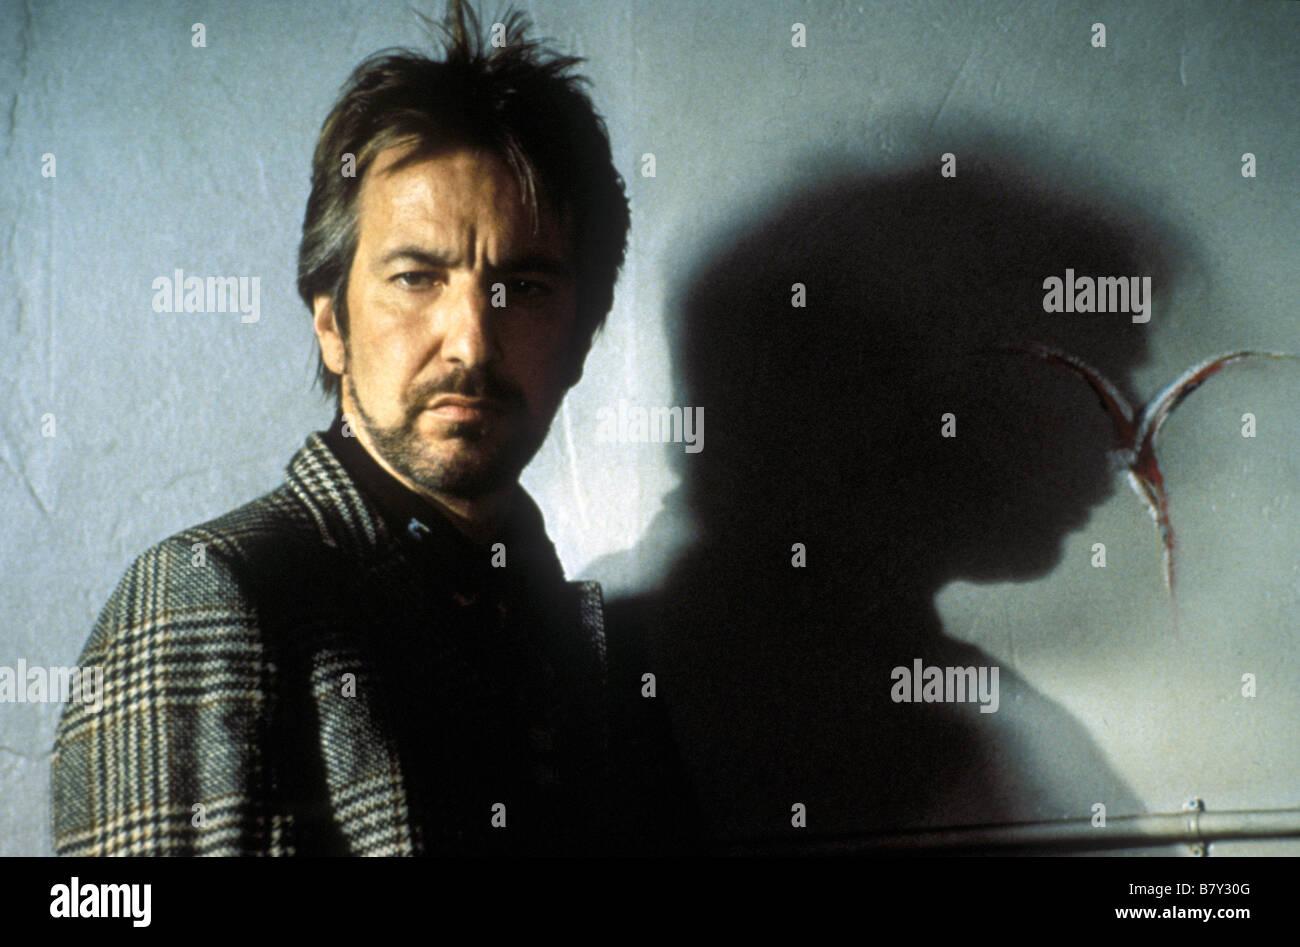 The January Man Year: 1989 USA Alan Rickman  Director: Pat O'Connor - Stock Image